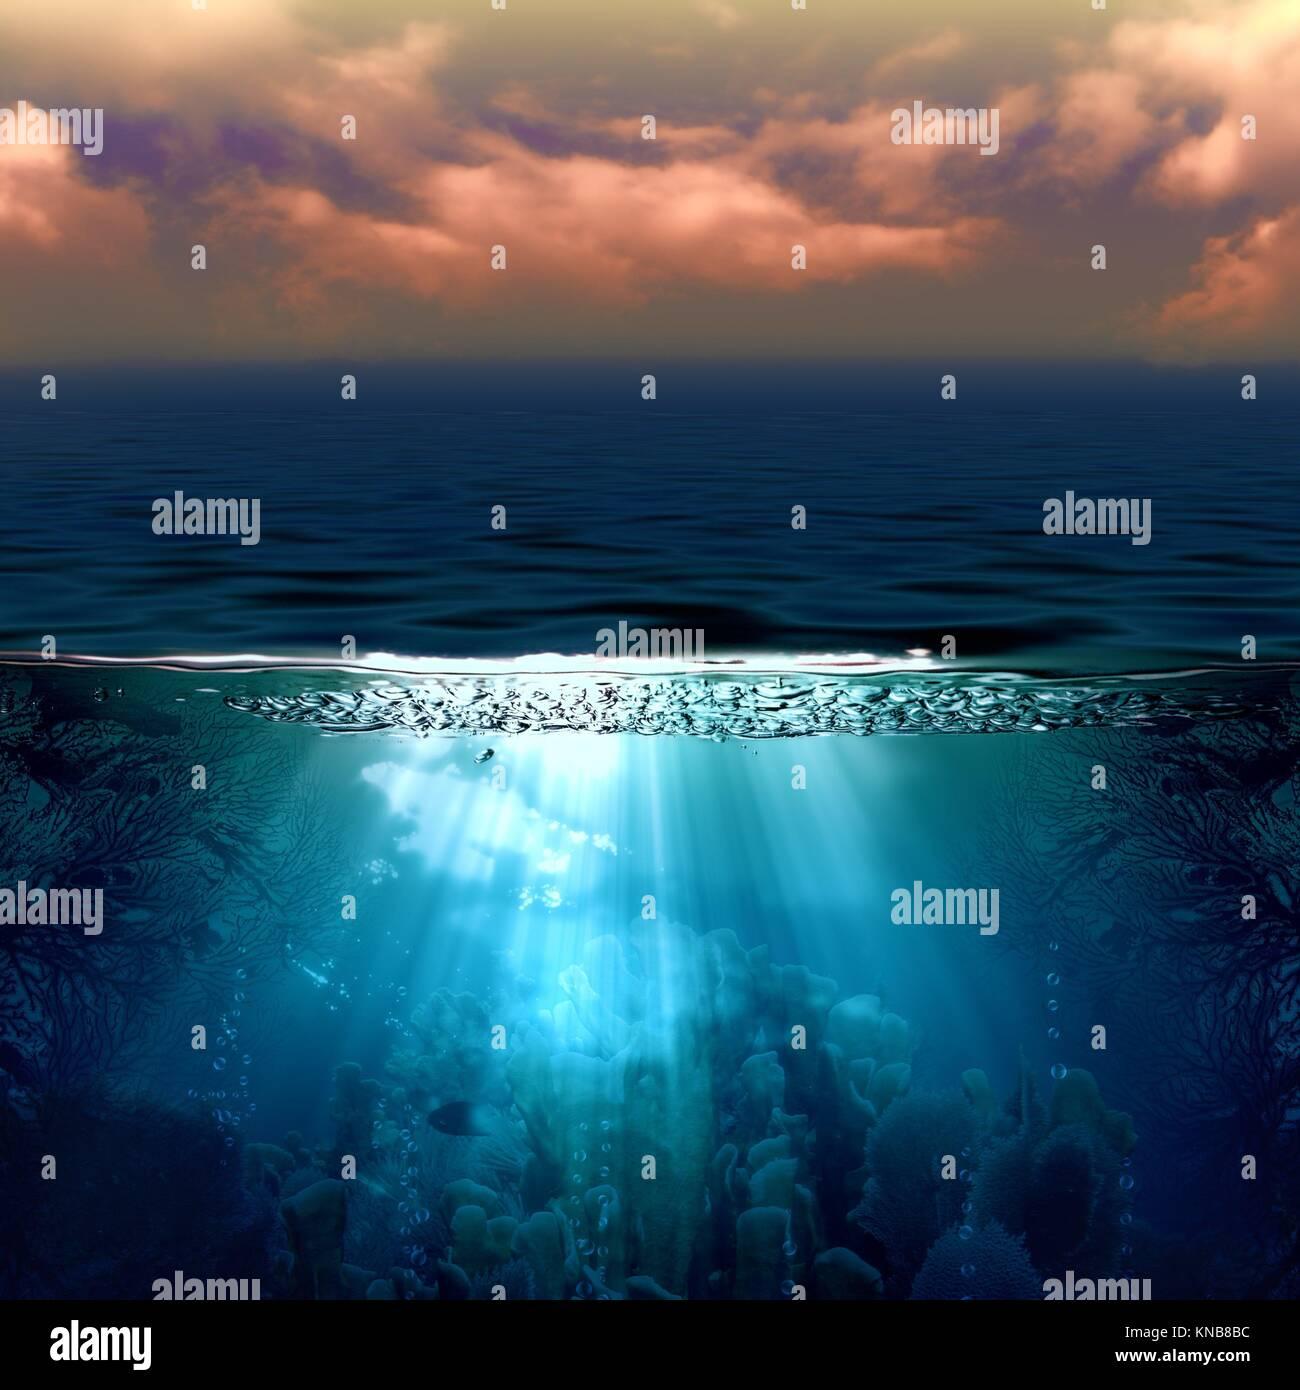 Abstract sfondi marini con sun beam e paesaggio sottomarino. Immagini Stock